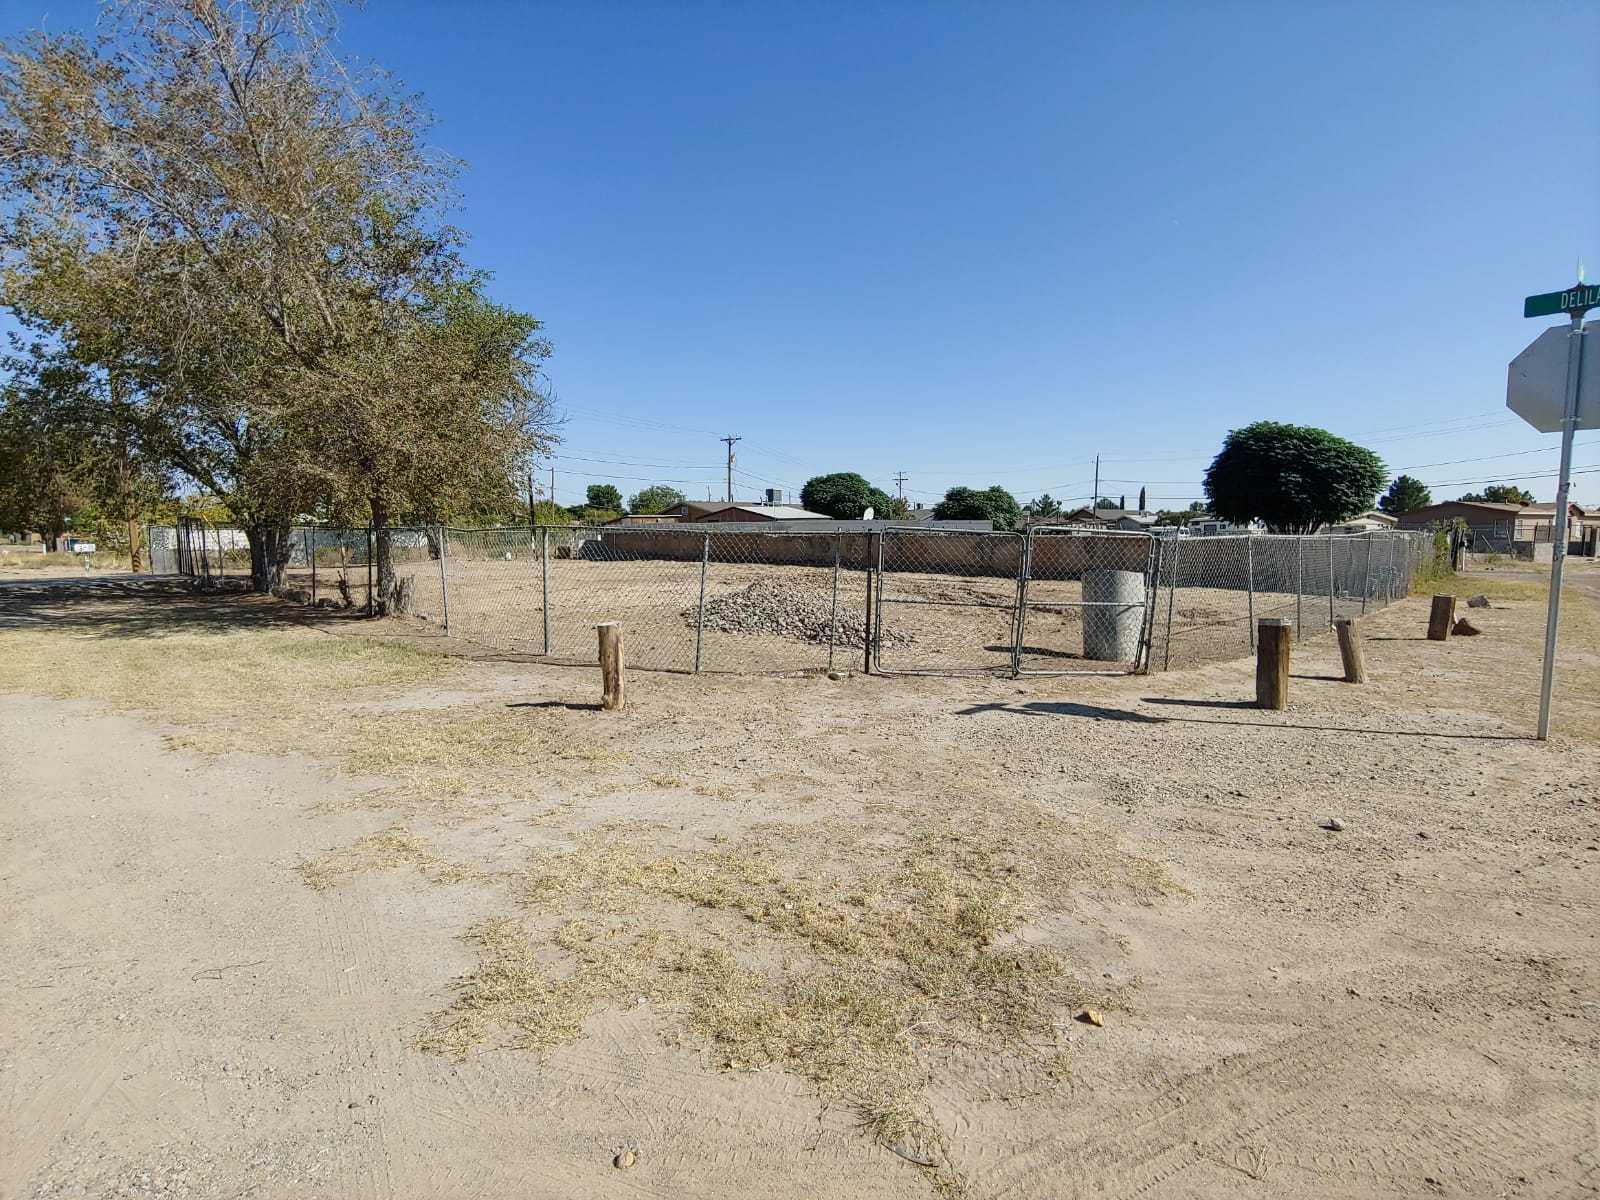 754 DELILAH Avenue, Socorro, Texas 79927, ,Land,For sale,DELILAH,835971